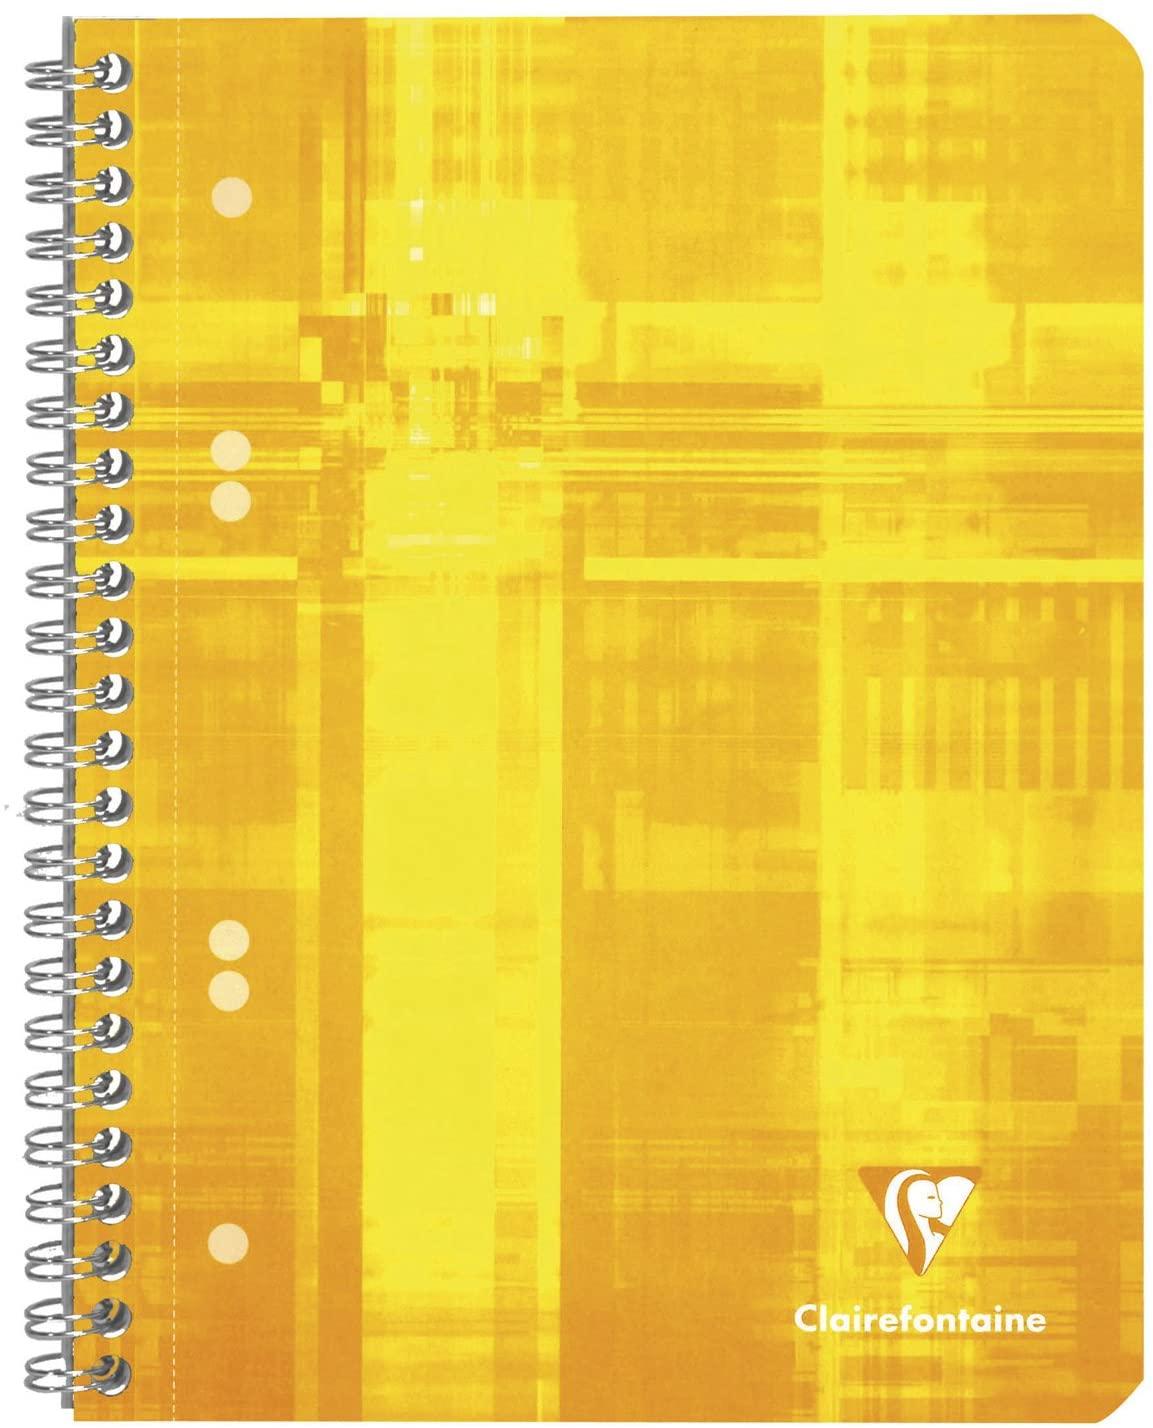 Clairefontaine 8572C Collegeblock (DIN A5, 14,8 x 21 cm, gelocht, 80 Blatt, kariert, Lineatur 5), 1